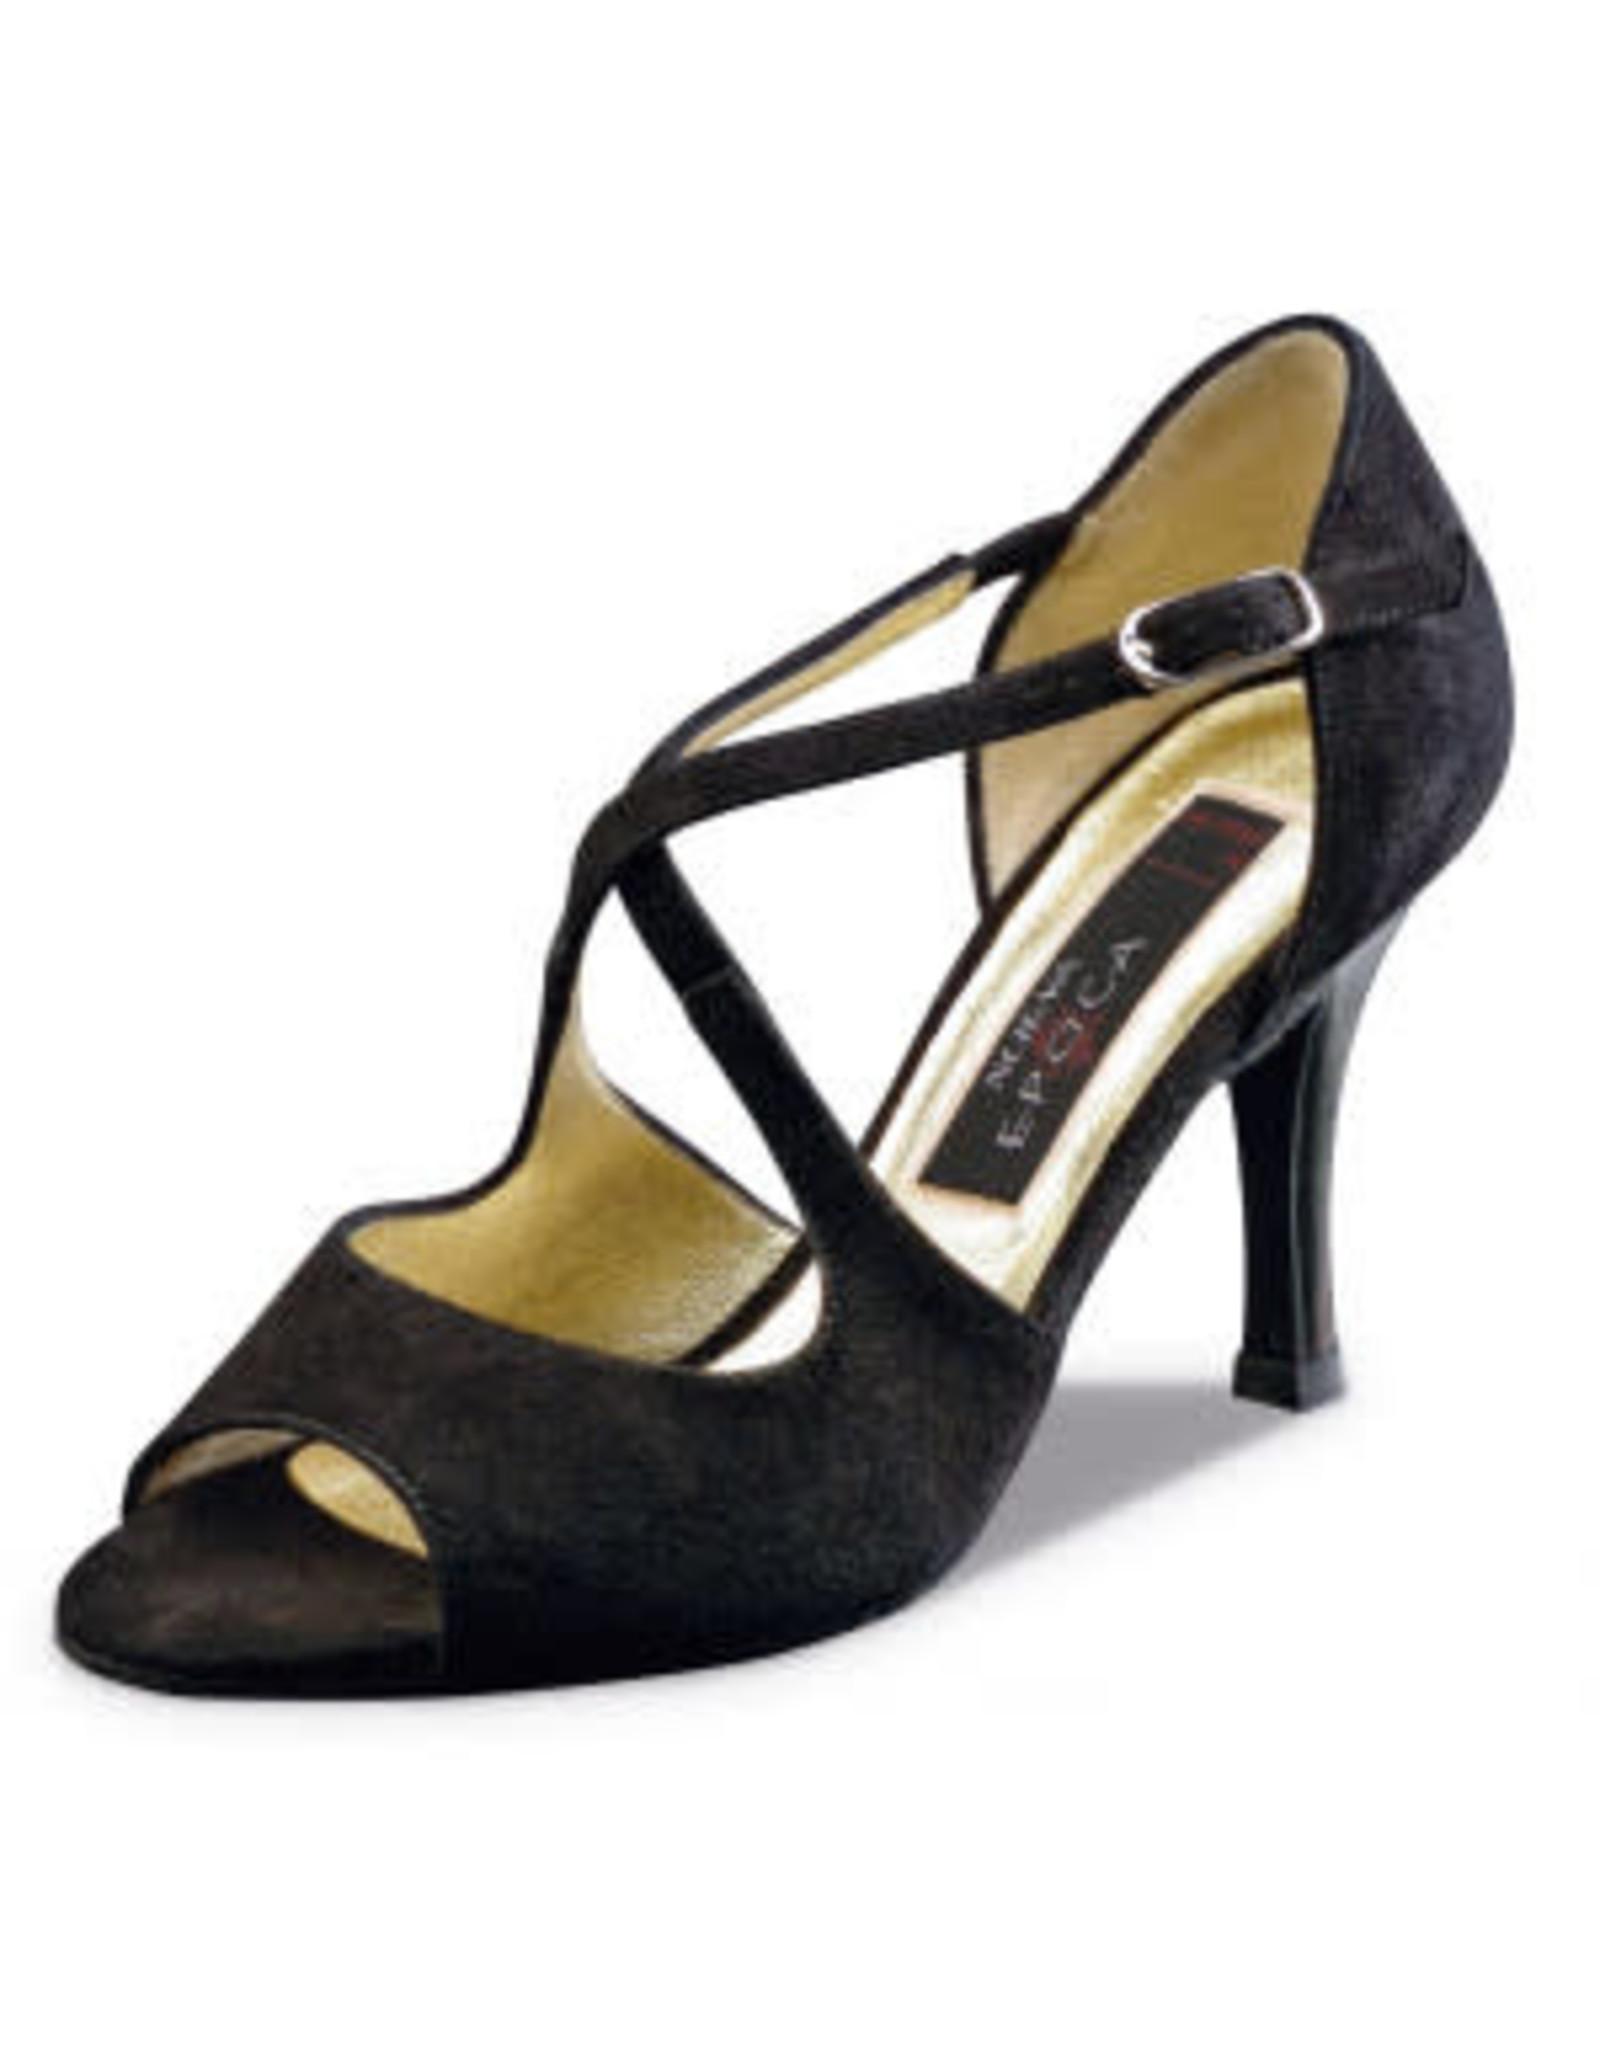 Nueva Epoca Martha 8cm Suede Black